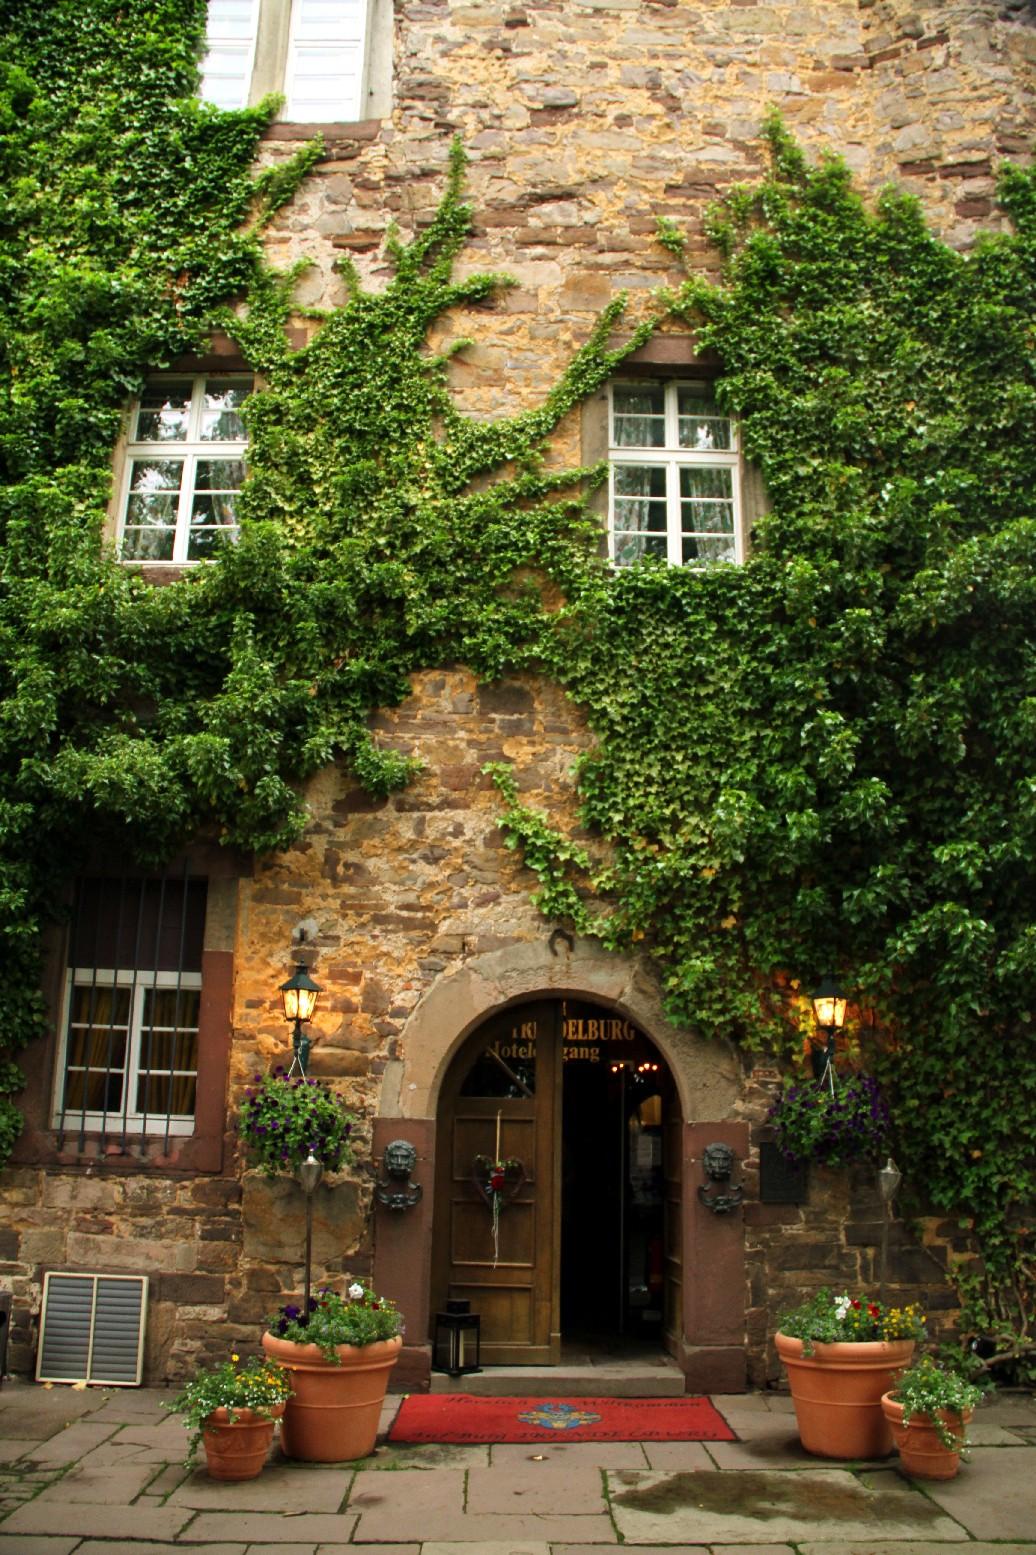 Entrada do Hotel Burg Sababurg, no castelo original da Rapunzel (foto: Eduardo Vessoni)